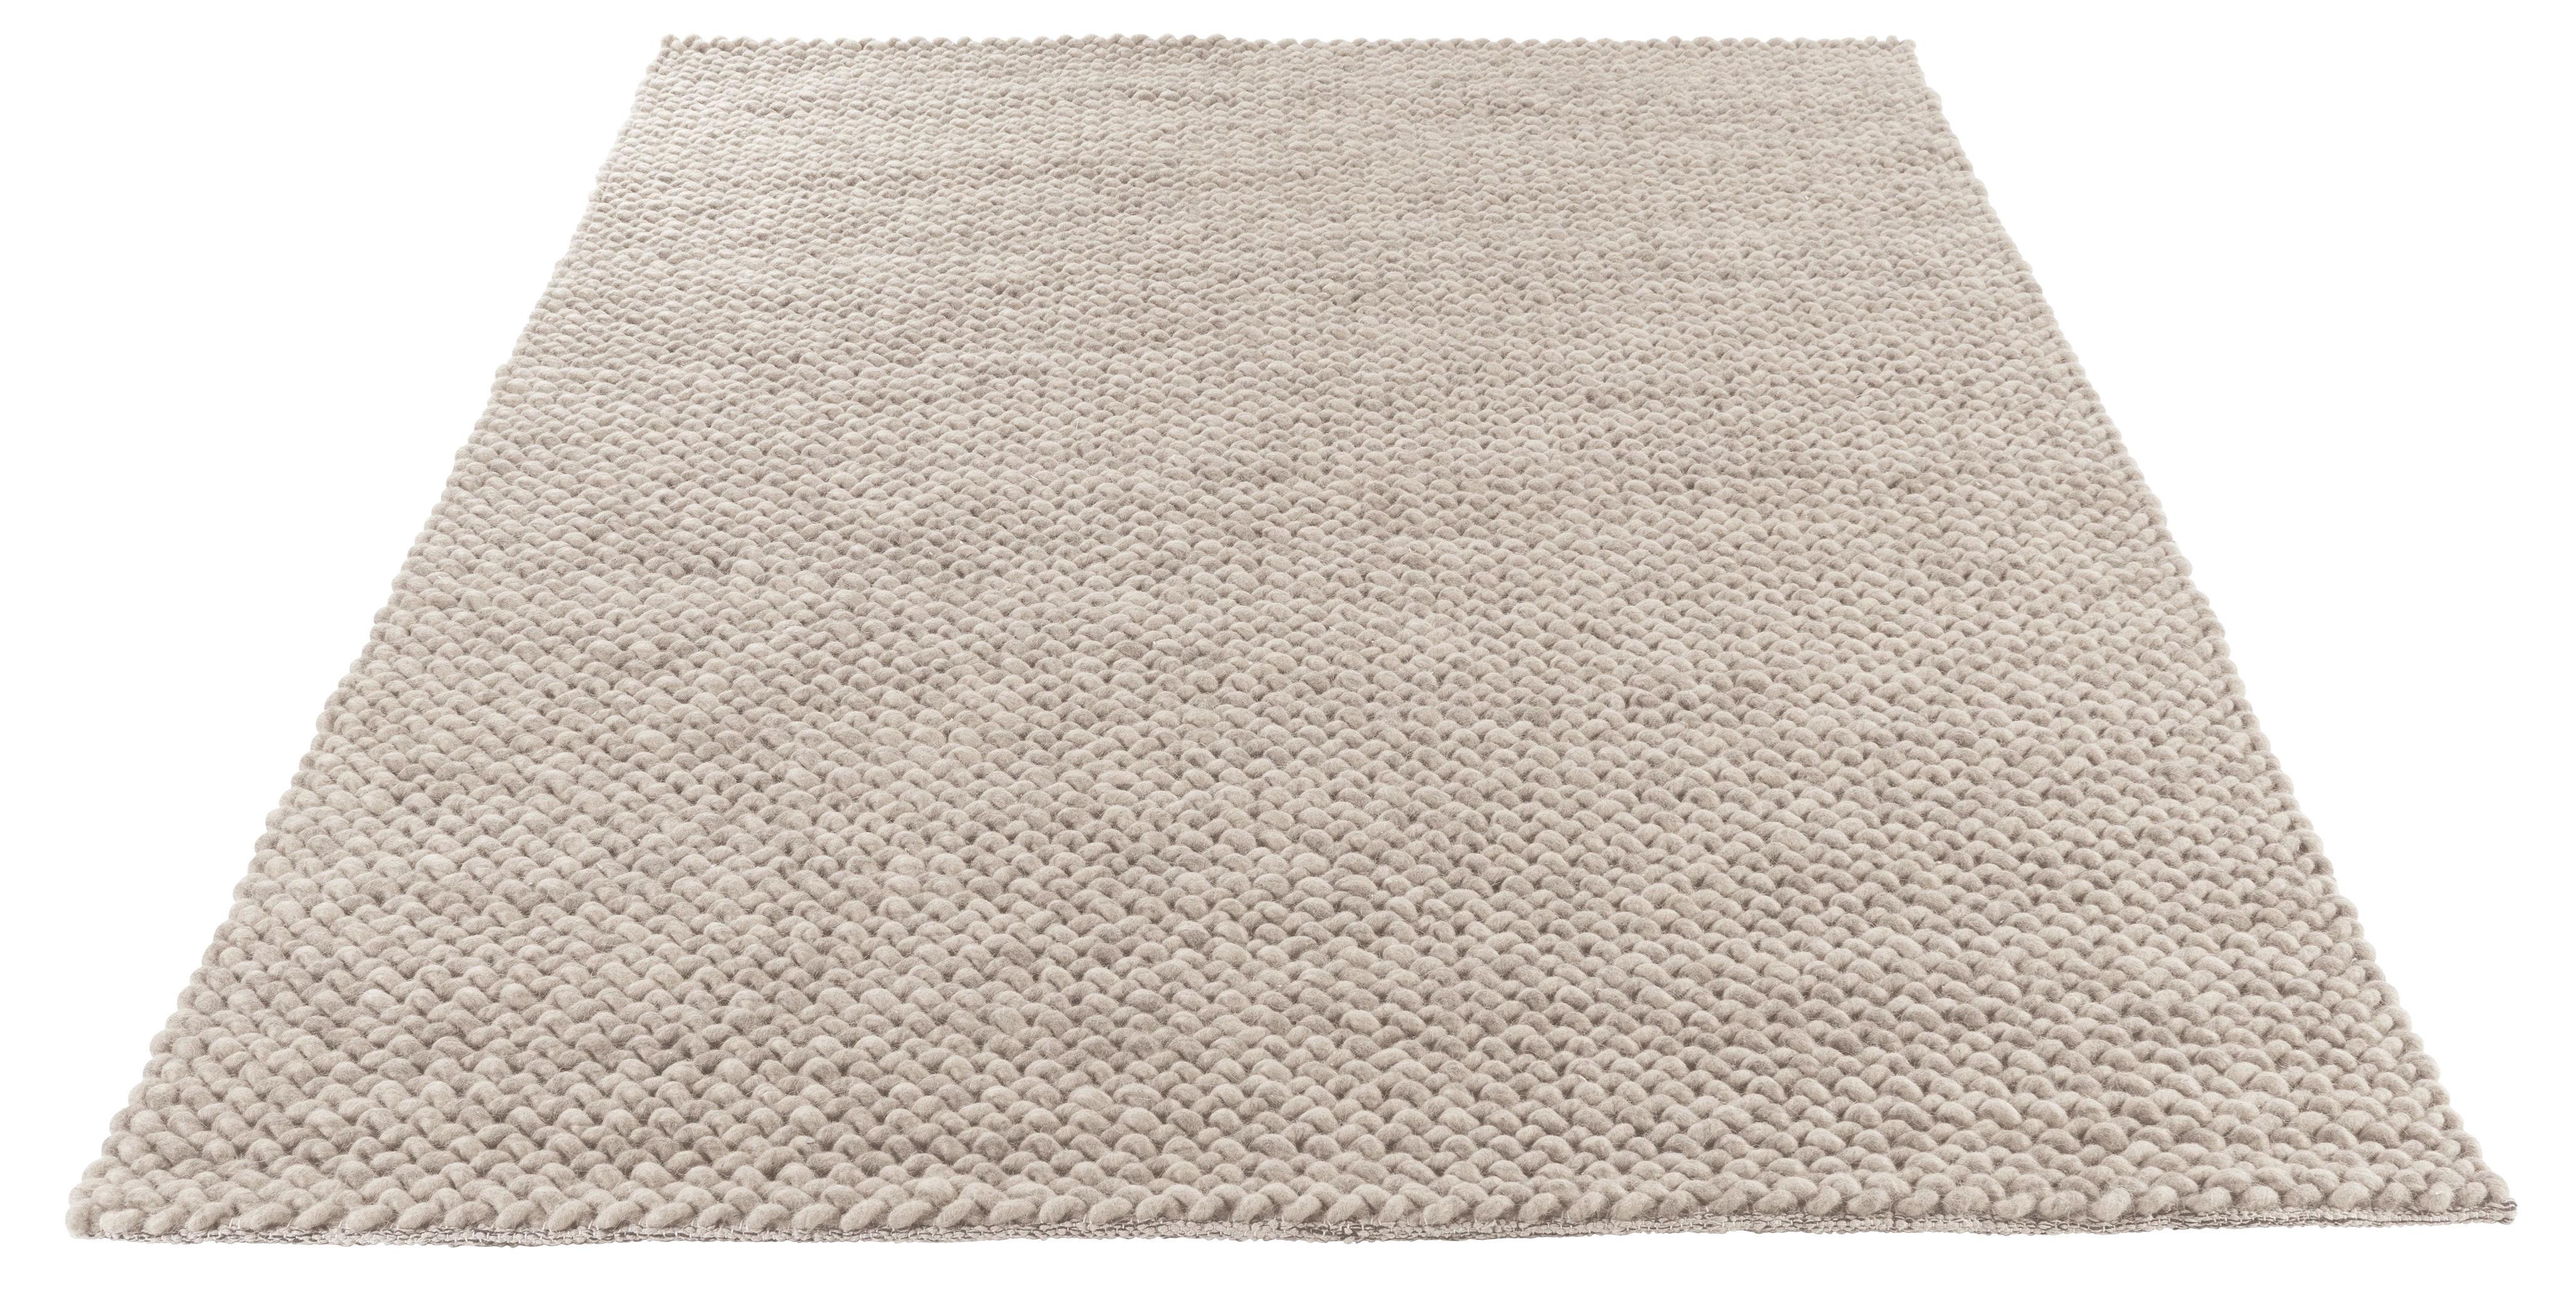 Loop tappeto 140 x 200 cm fatto a mano grigio chiaro - Tappeto grigio chiaro ...